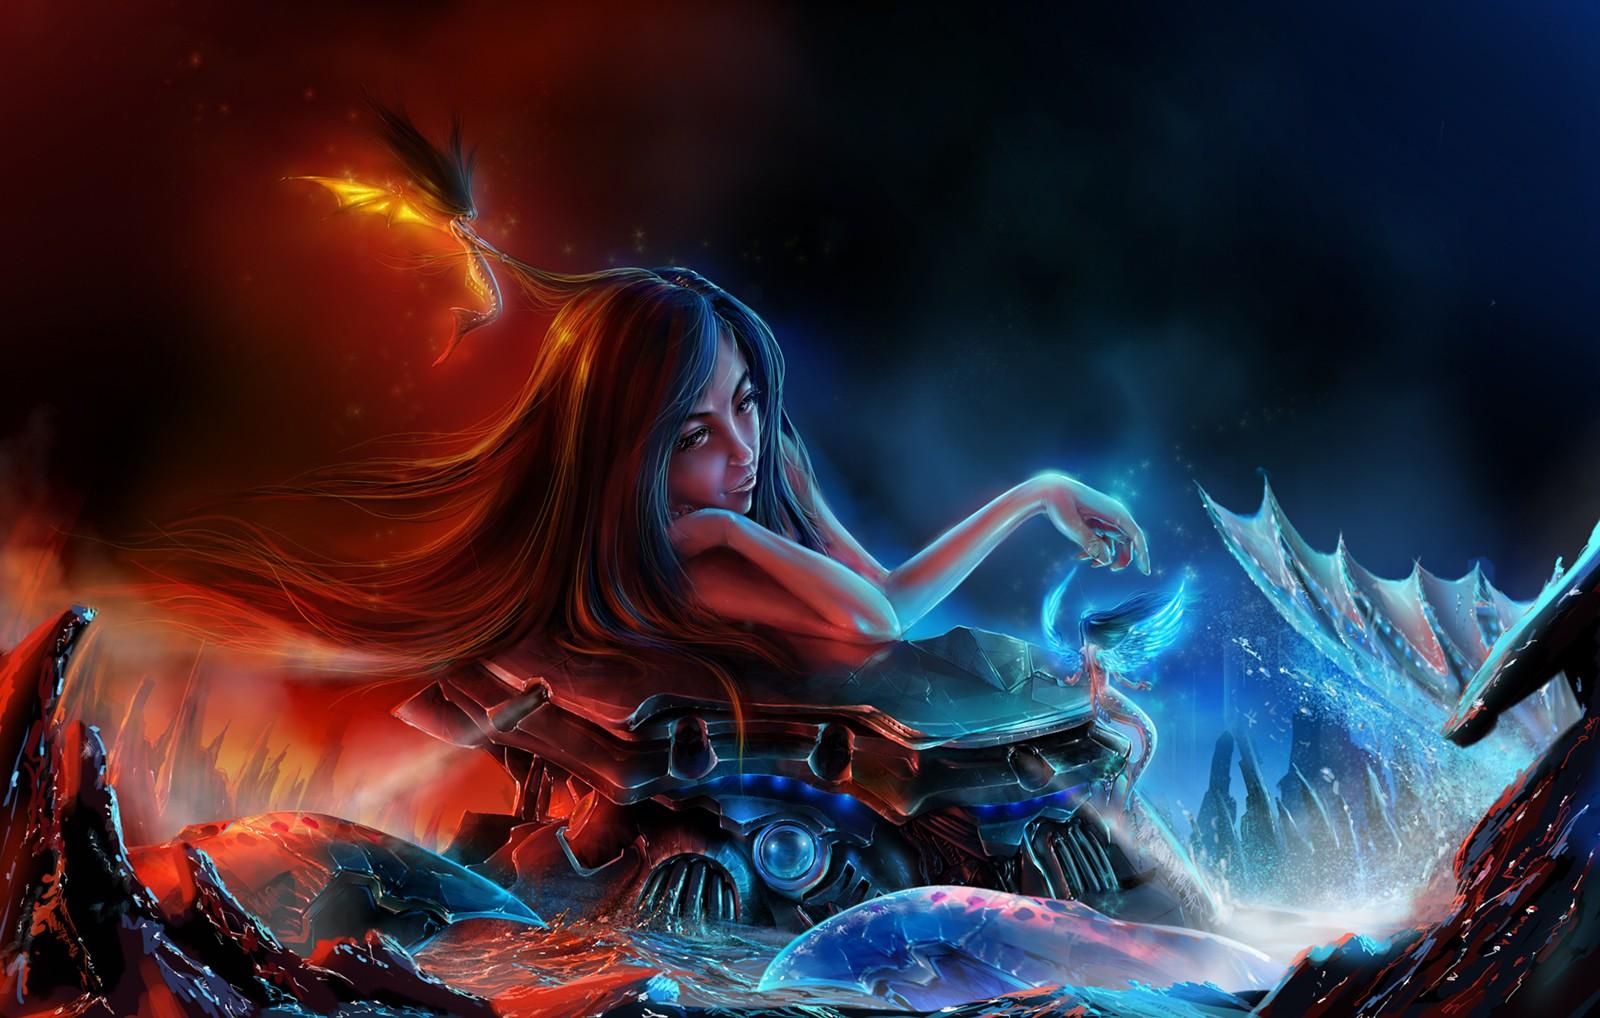 一点资讯_天堂地狱 由 kimtao 创作 | 乐艺leewiART CG精英艺术社区,汇聚优秀CG ...